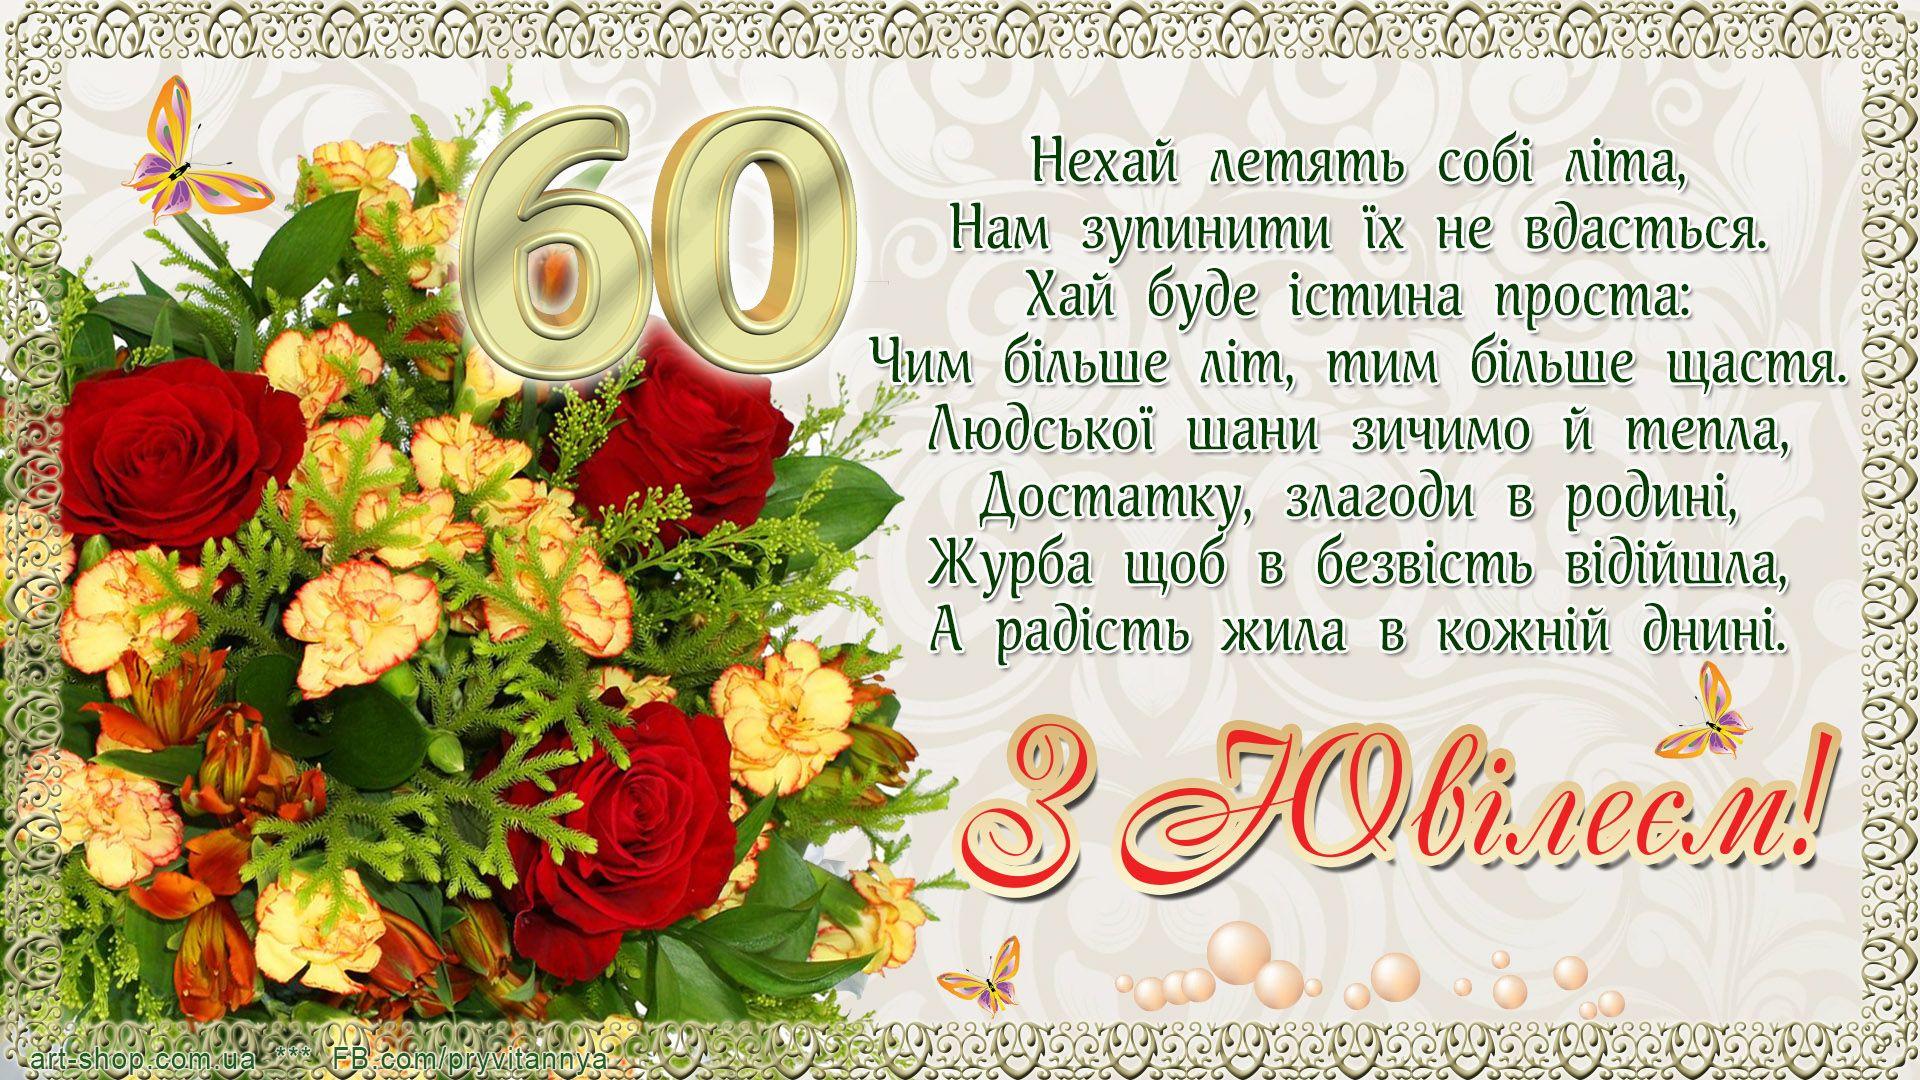 задания поздравление с 50 летием мужу на украинском этот начальник поезда